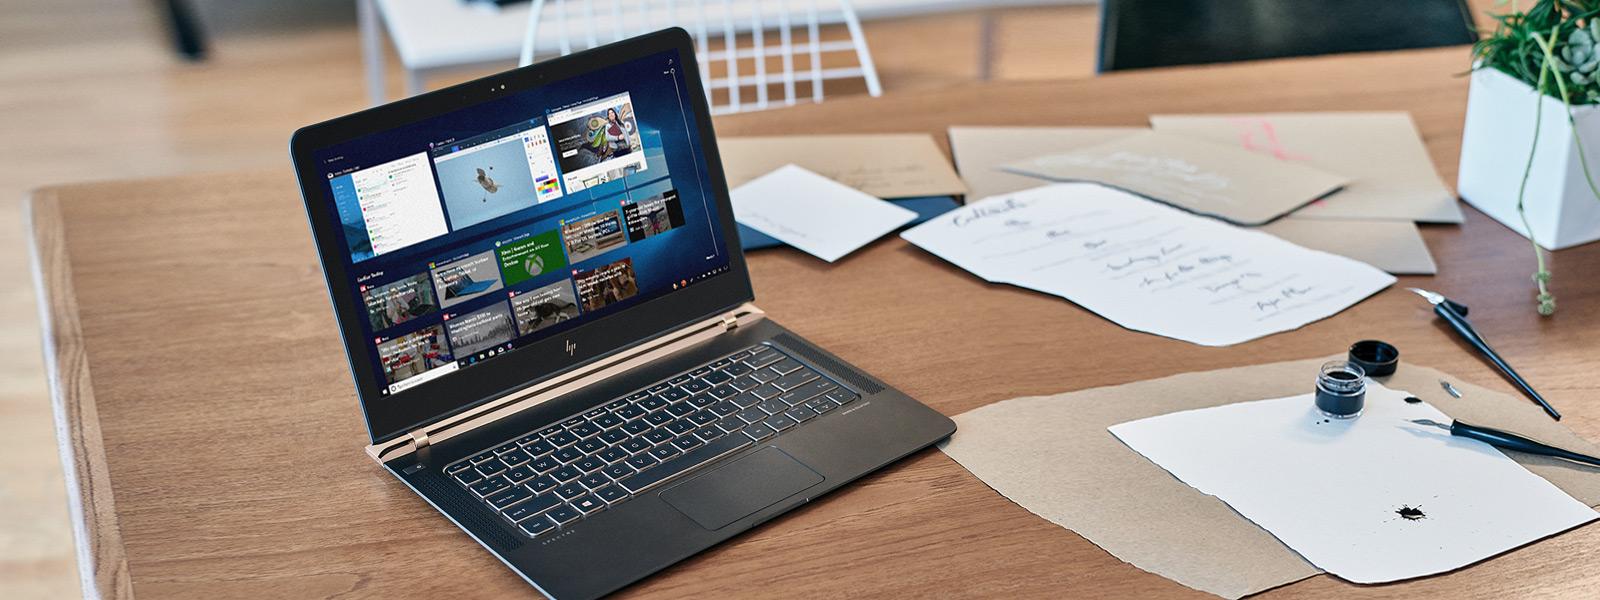 机の上に置かれたノート PC の画面に表示された Windows タイムライン